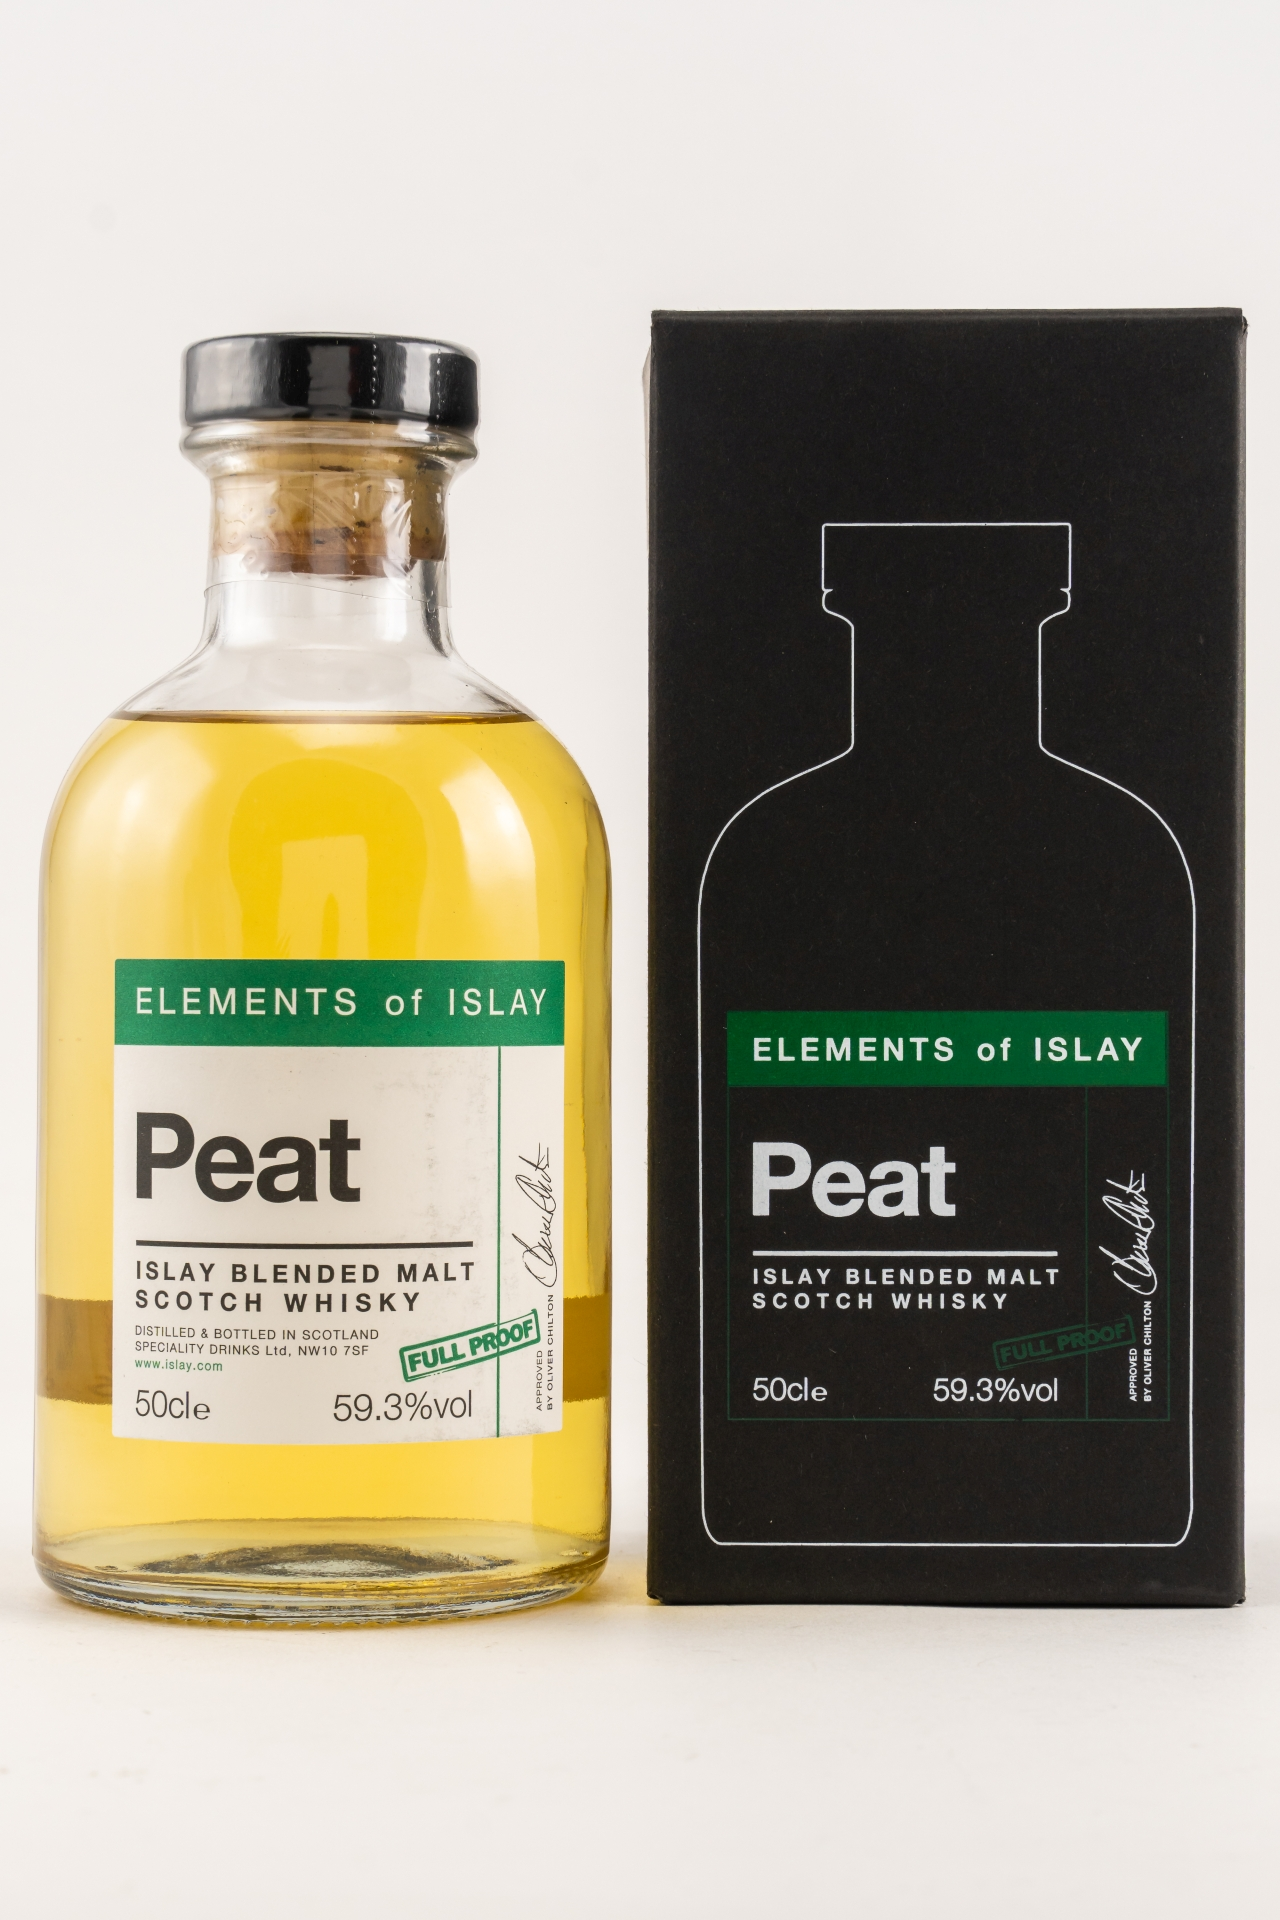 Elements of Islay - Peat Full Proof 59,3% - 0,5l.